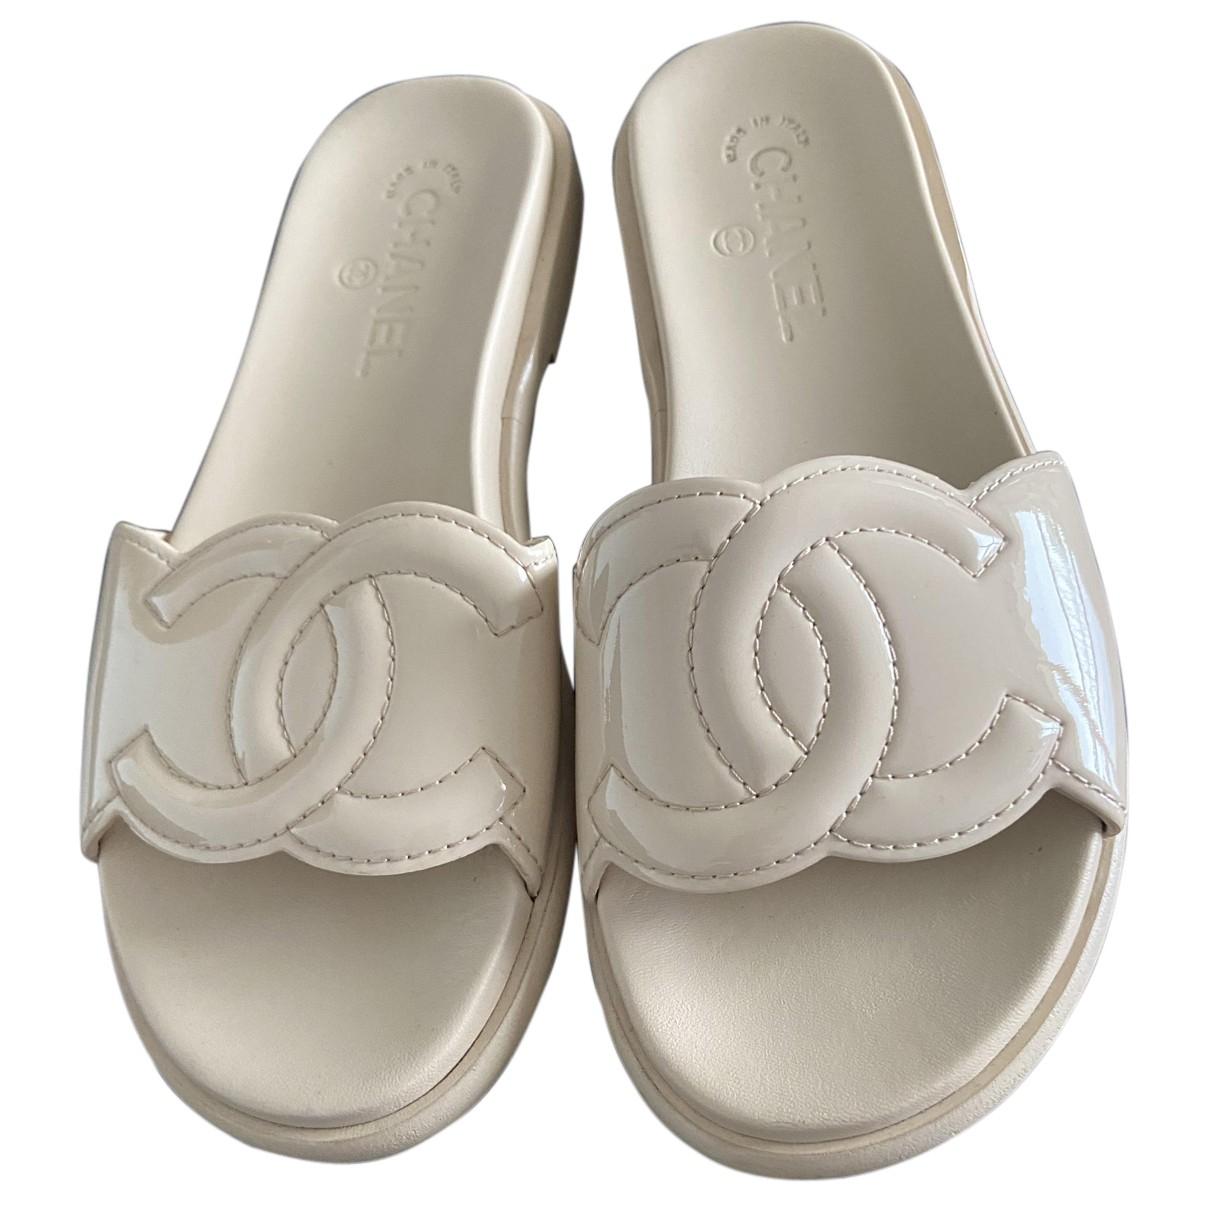 Chanel \N Sandalen in  Beige Lackleder